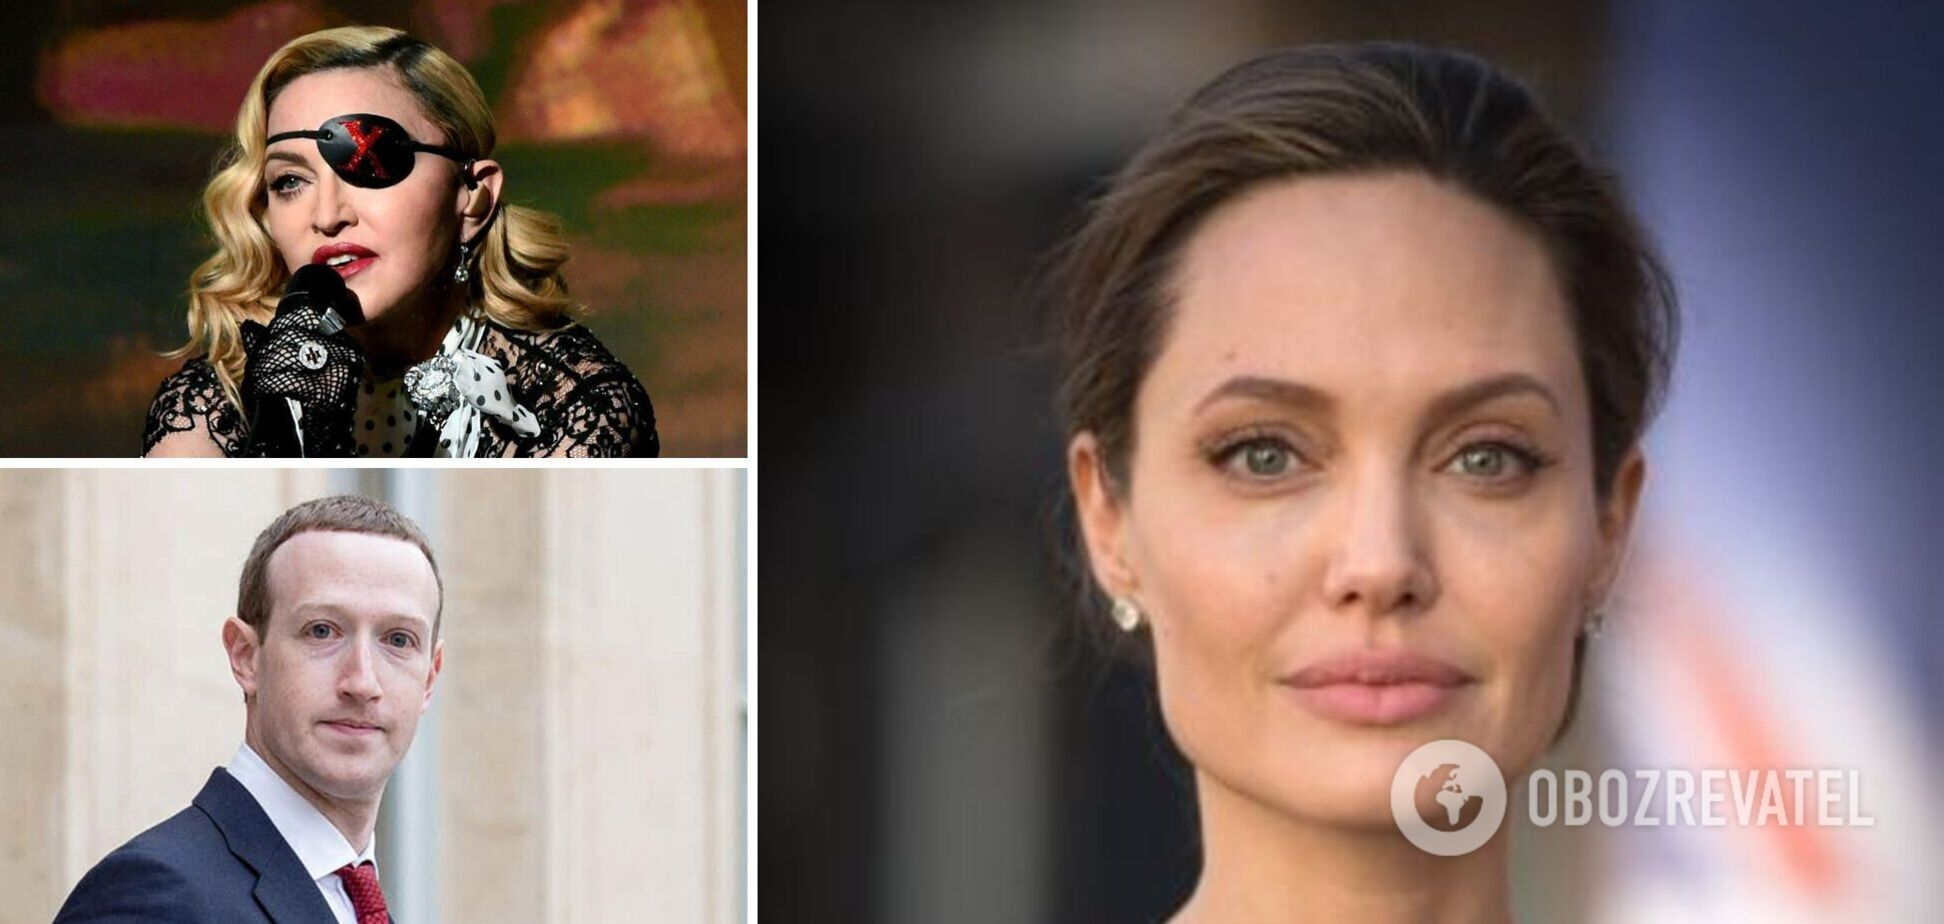 Смажені комахи і свята вода: що їдять Джолі, Мадонна та Цукерберг